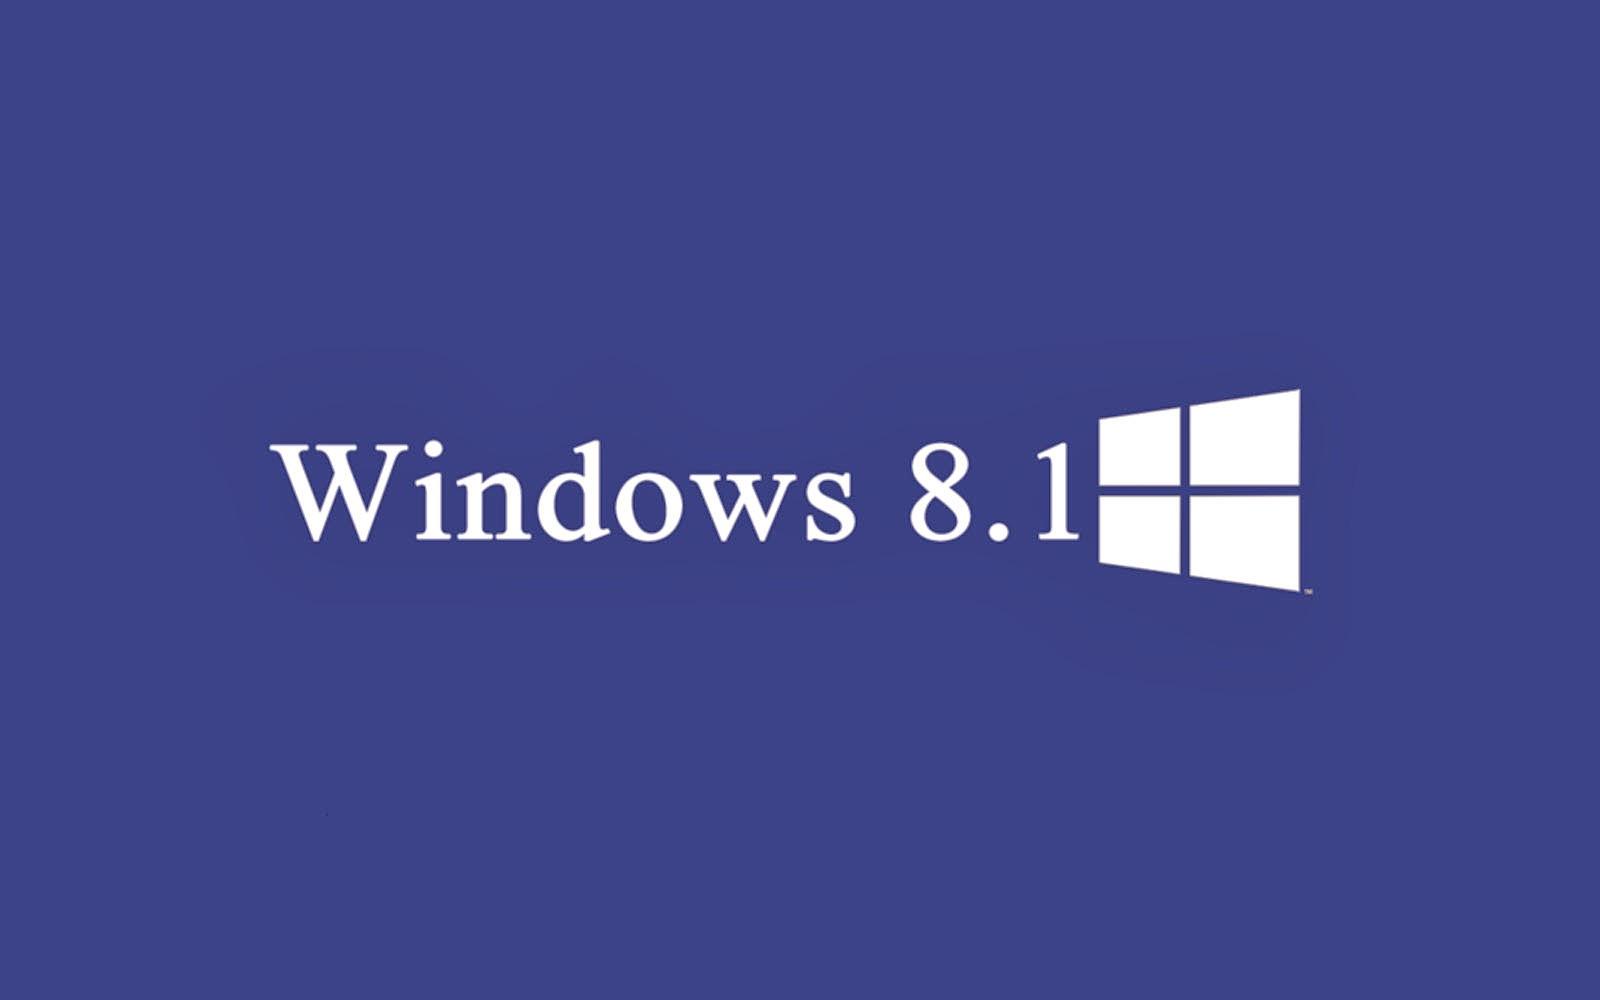 Arriere Plan De Windows 8 1 Pro Fond D Ecran Windows 8 1 1600x1000 Wallpapertip